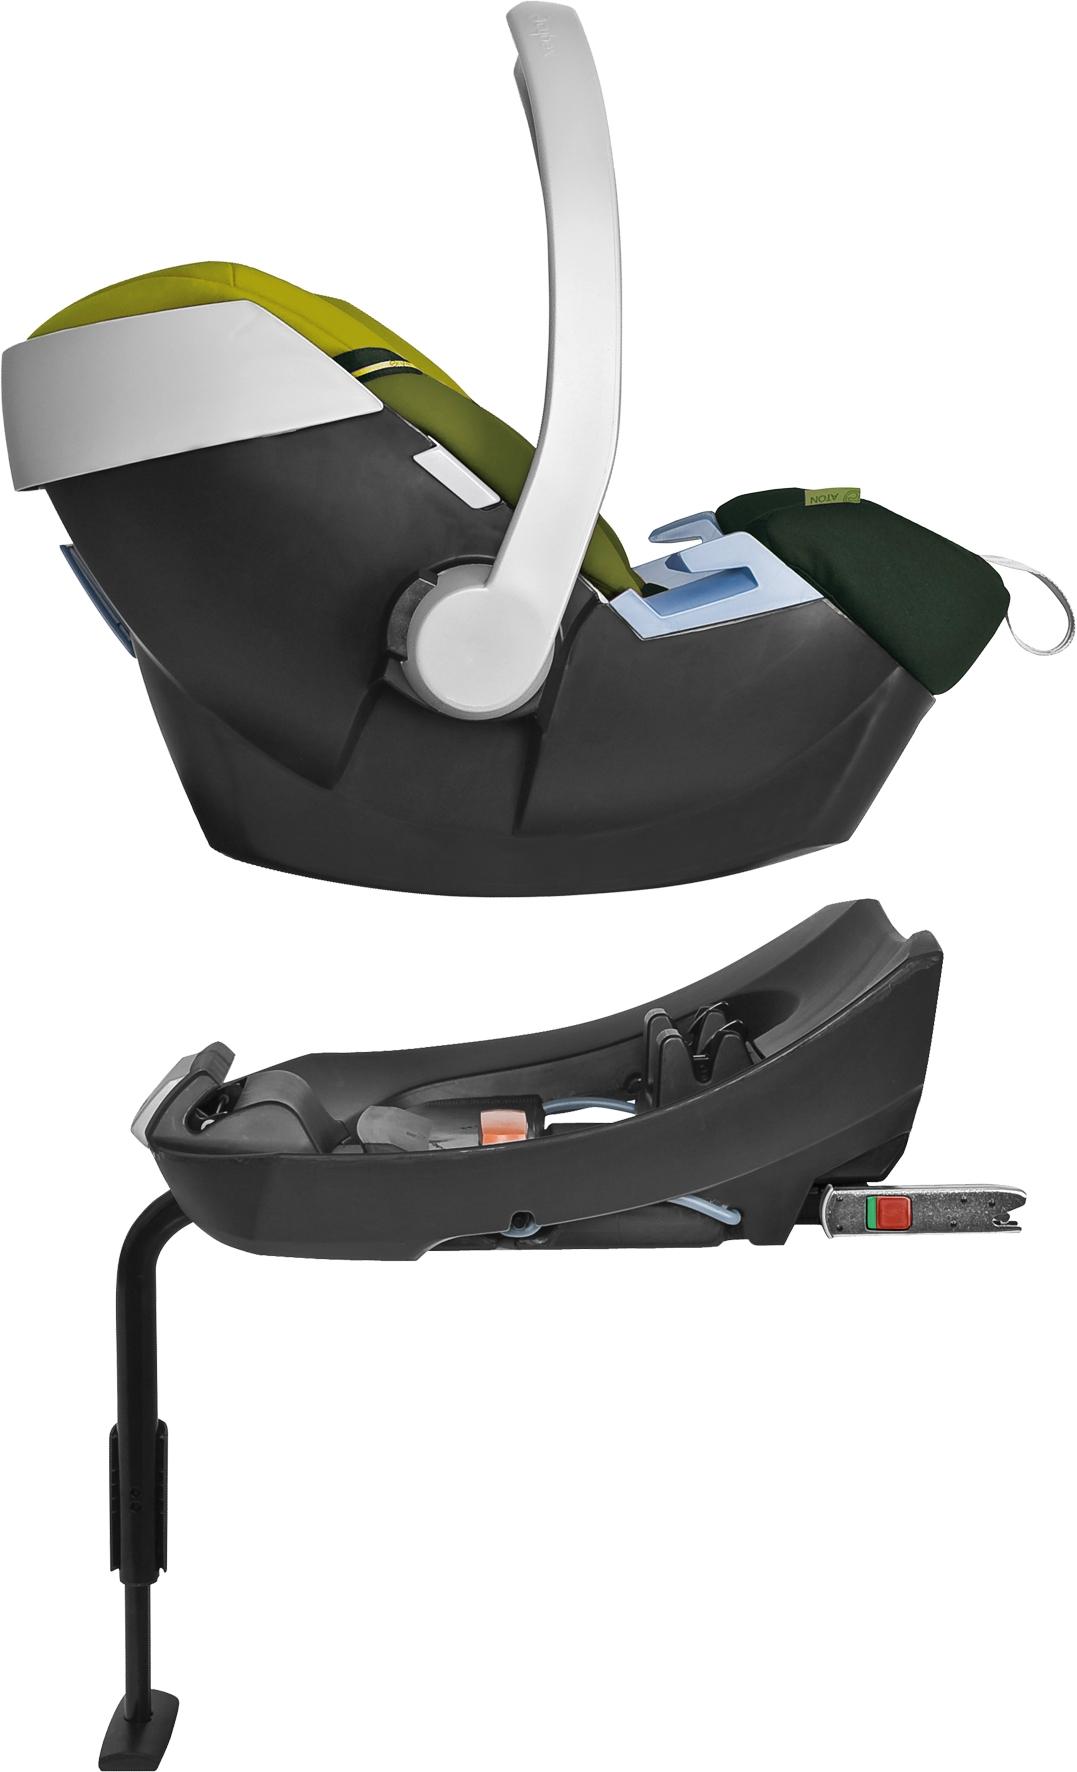 testy fotelik w 2012 galeria fotelik aton 2 isofix z. Black Bedroom Furniture Sets. Home Design Ideas